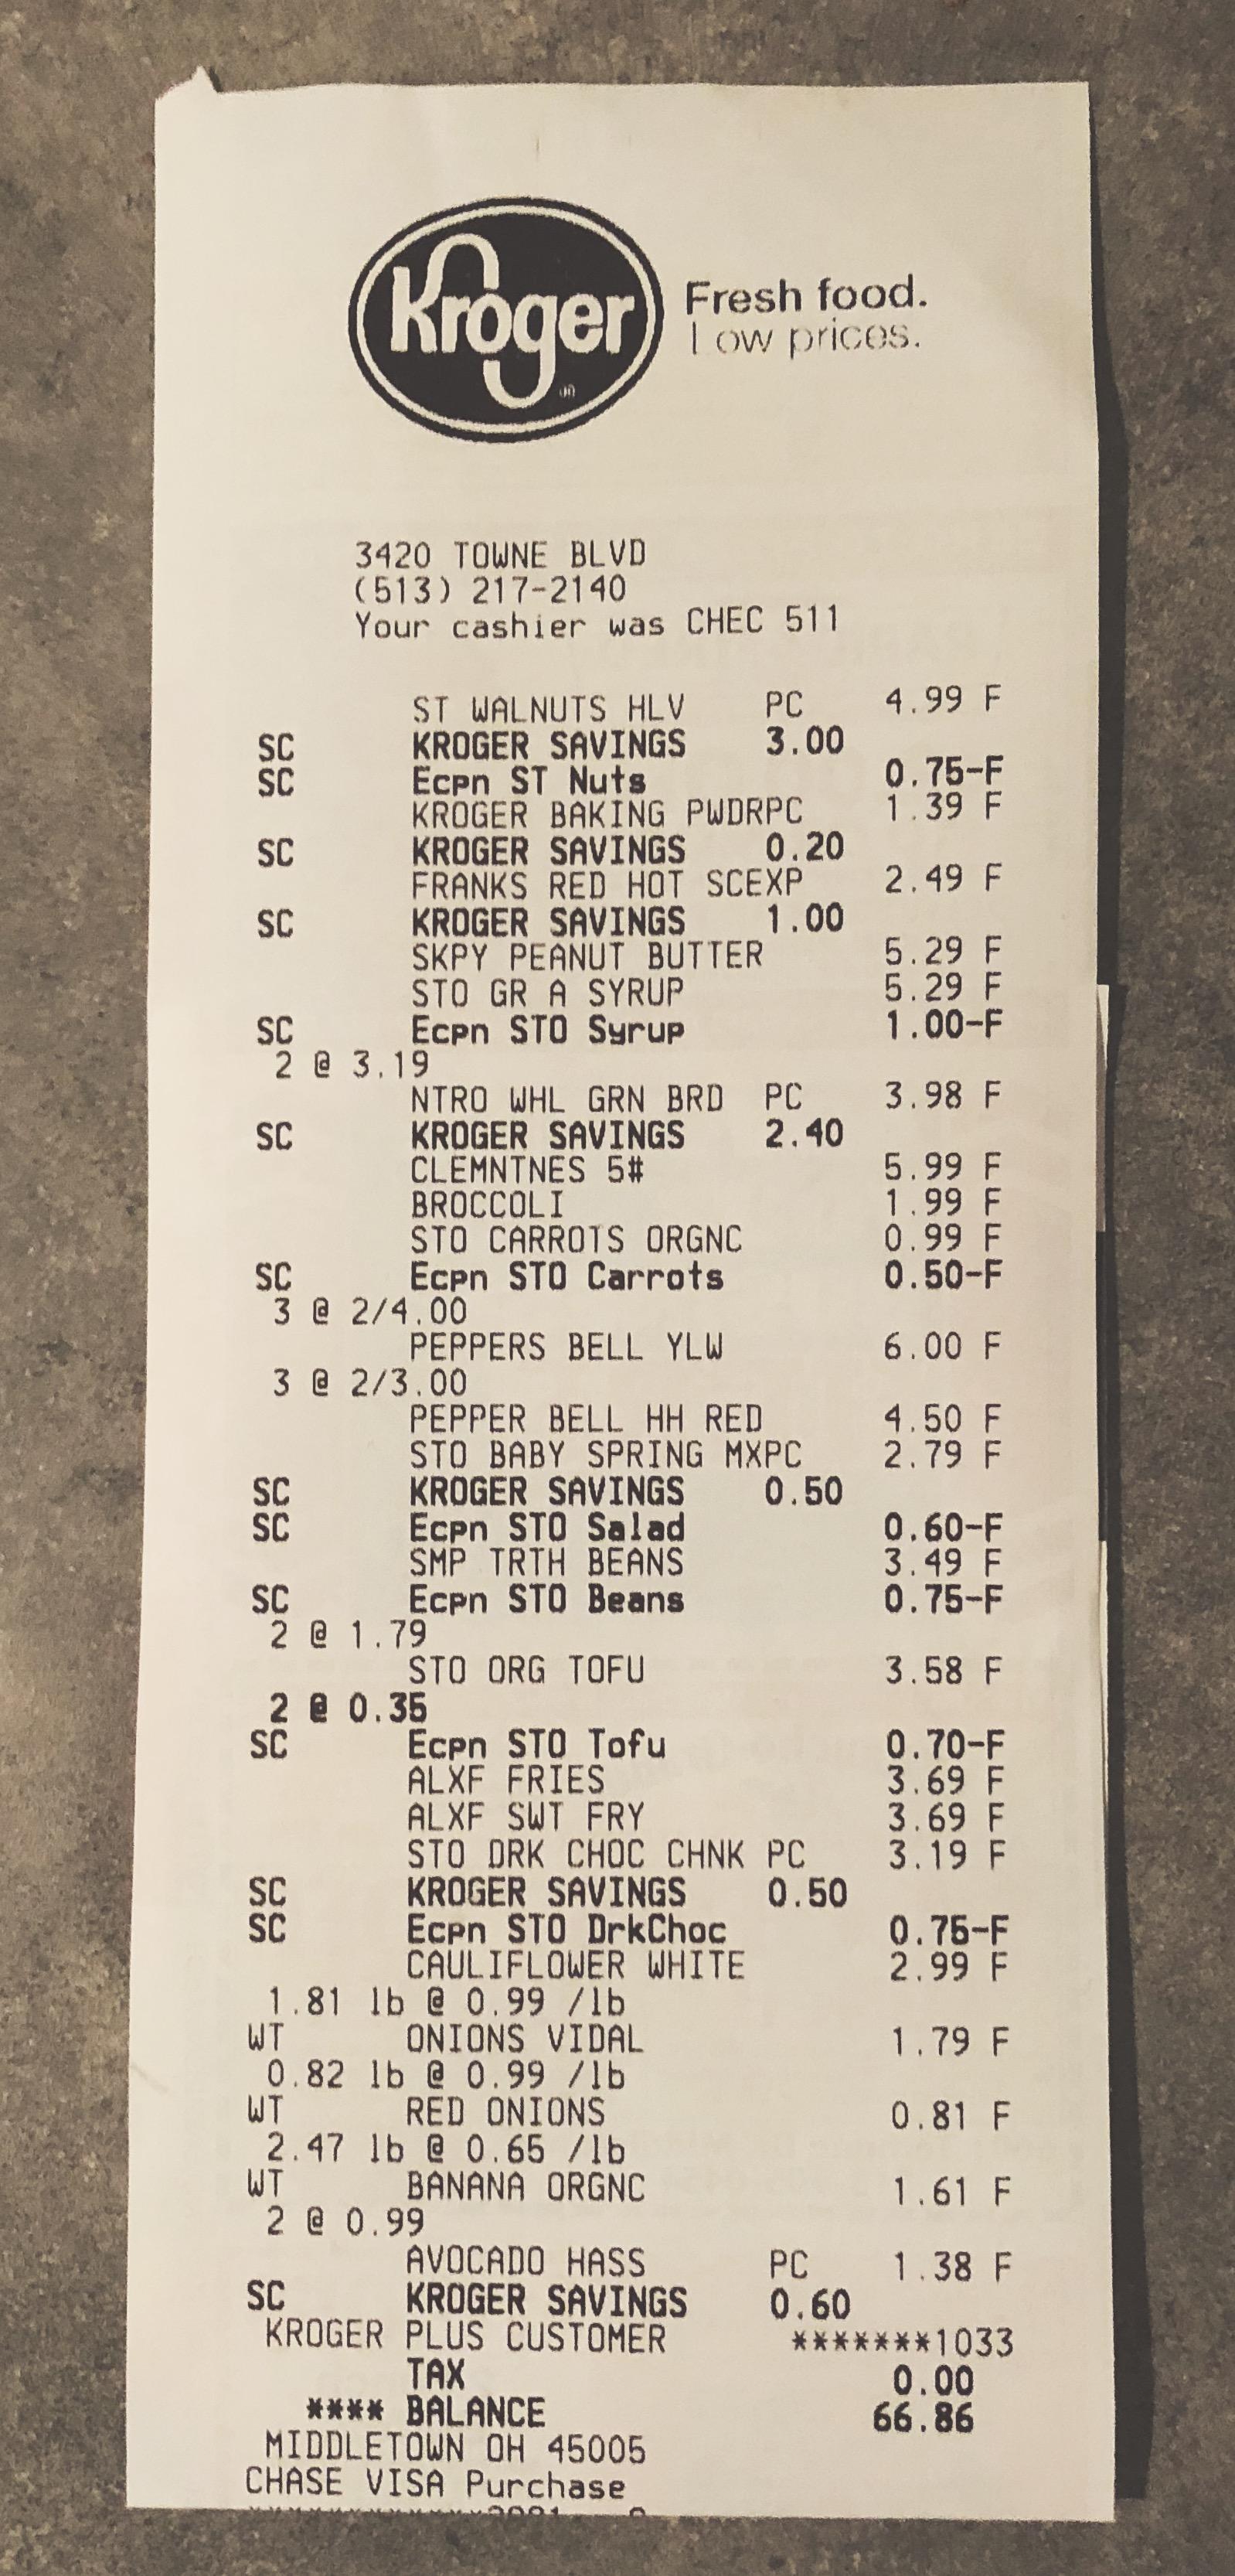 379C6FE6-D7A7-4135-B87A-5E35BB489A9E.JPG